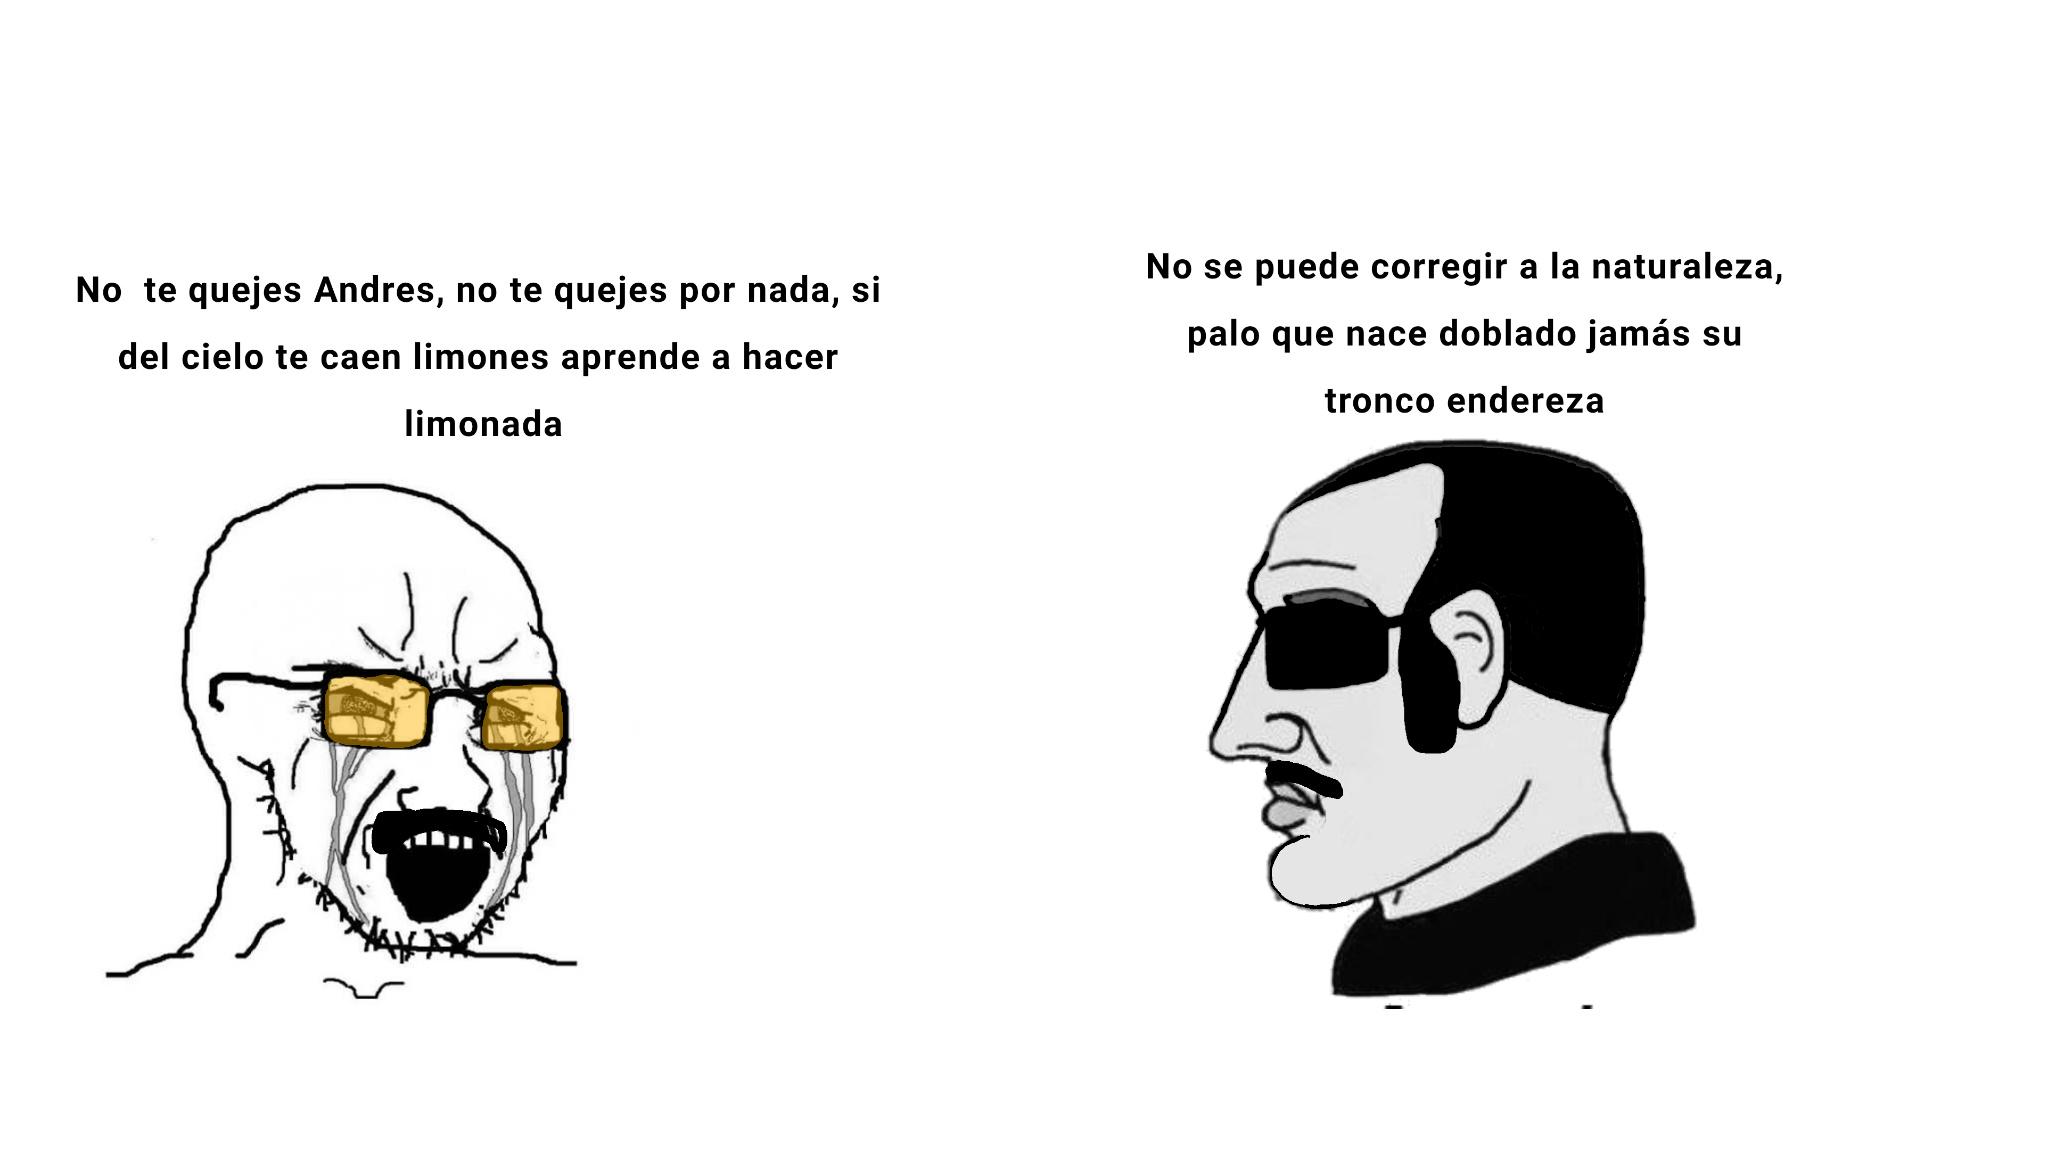 Alto chad el Andrés - meme